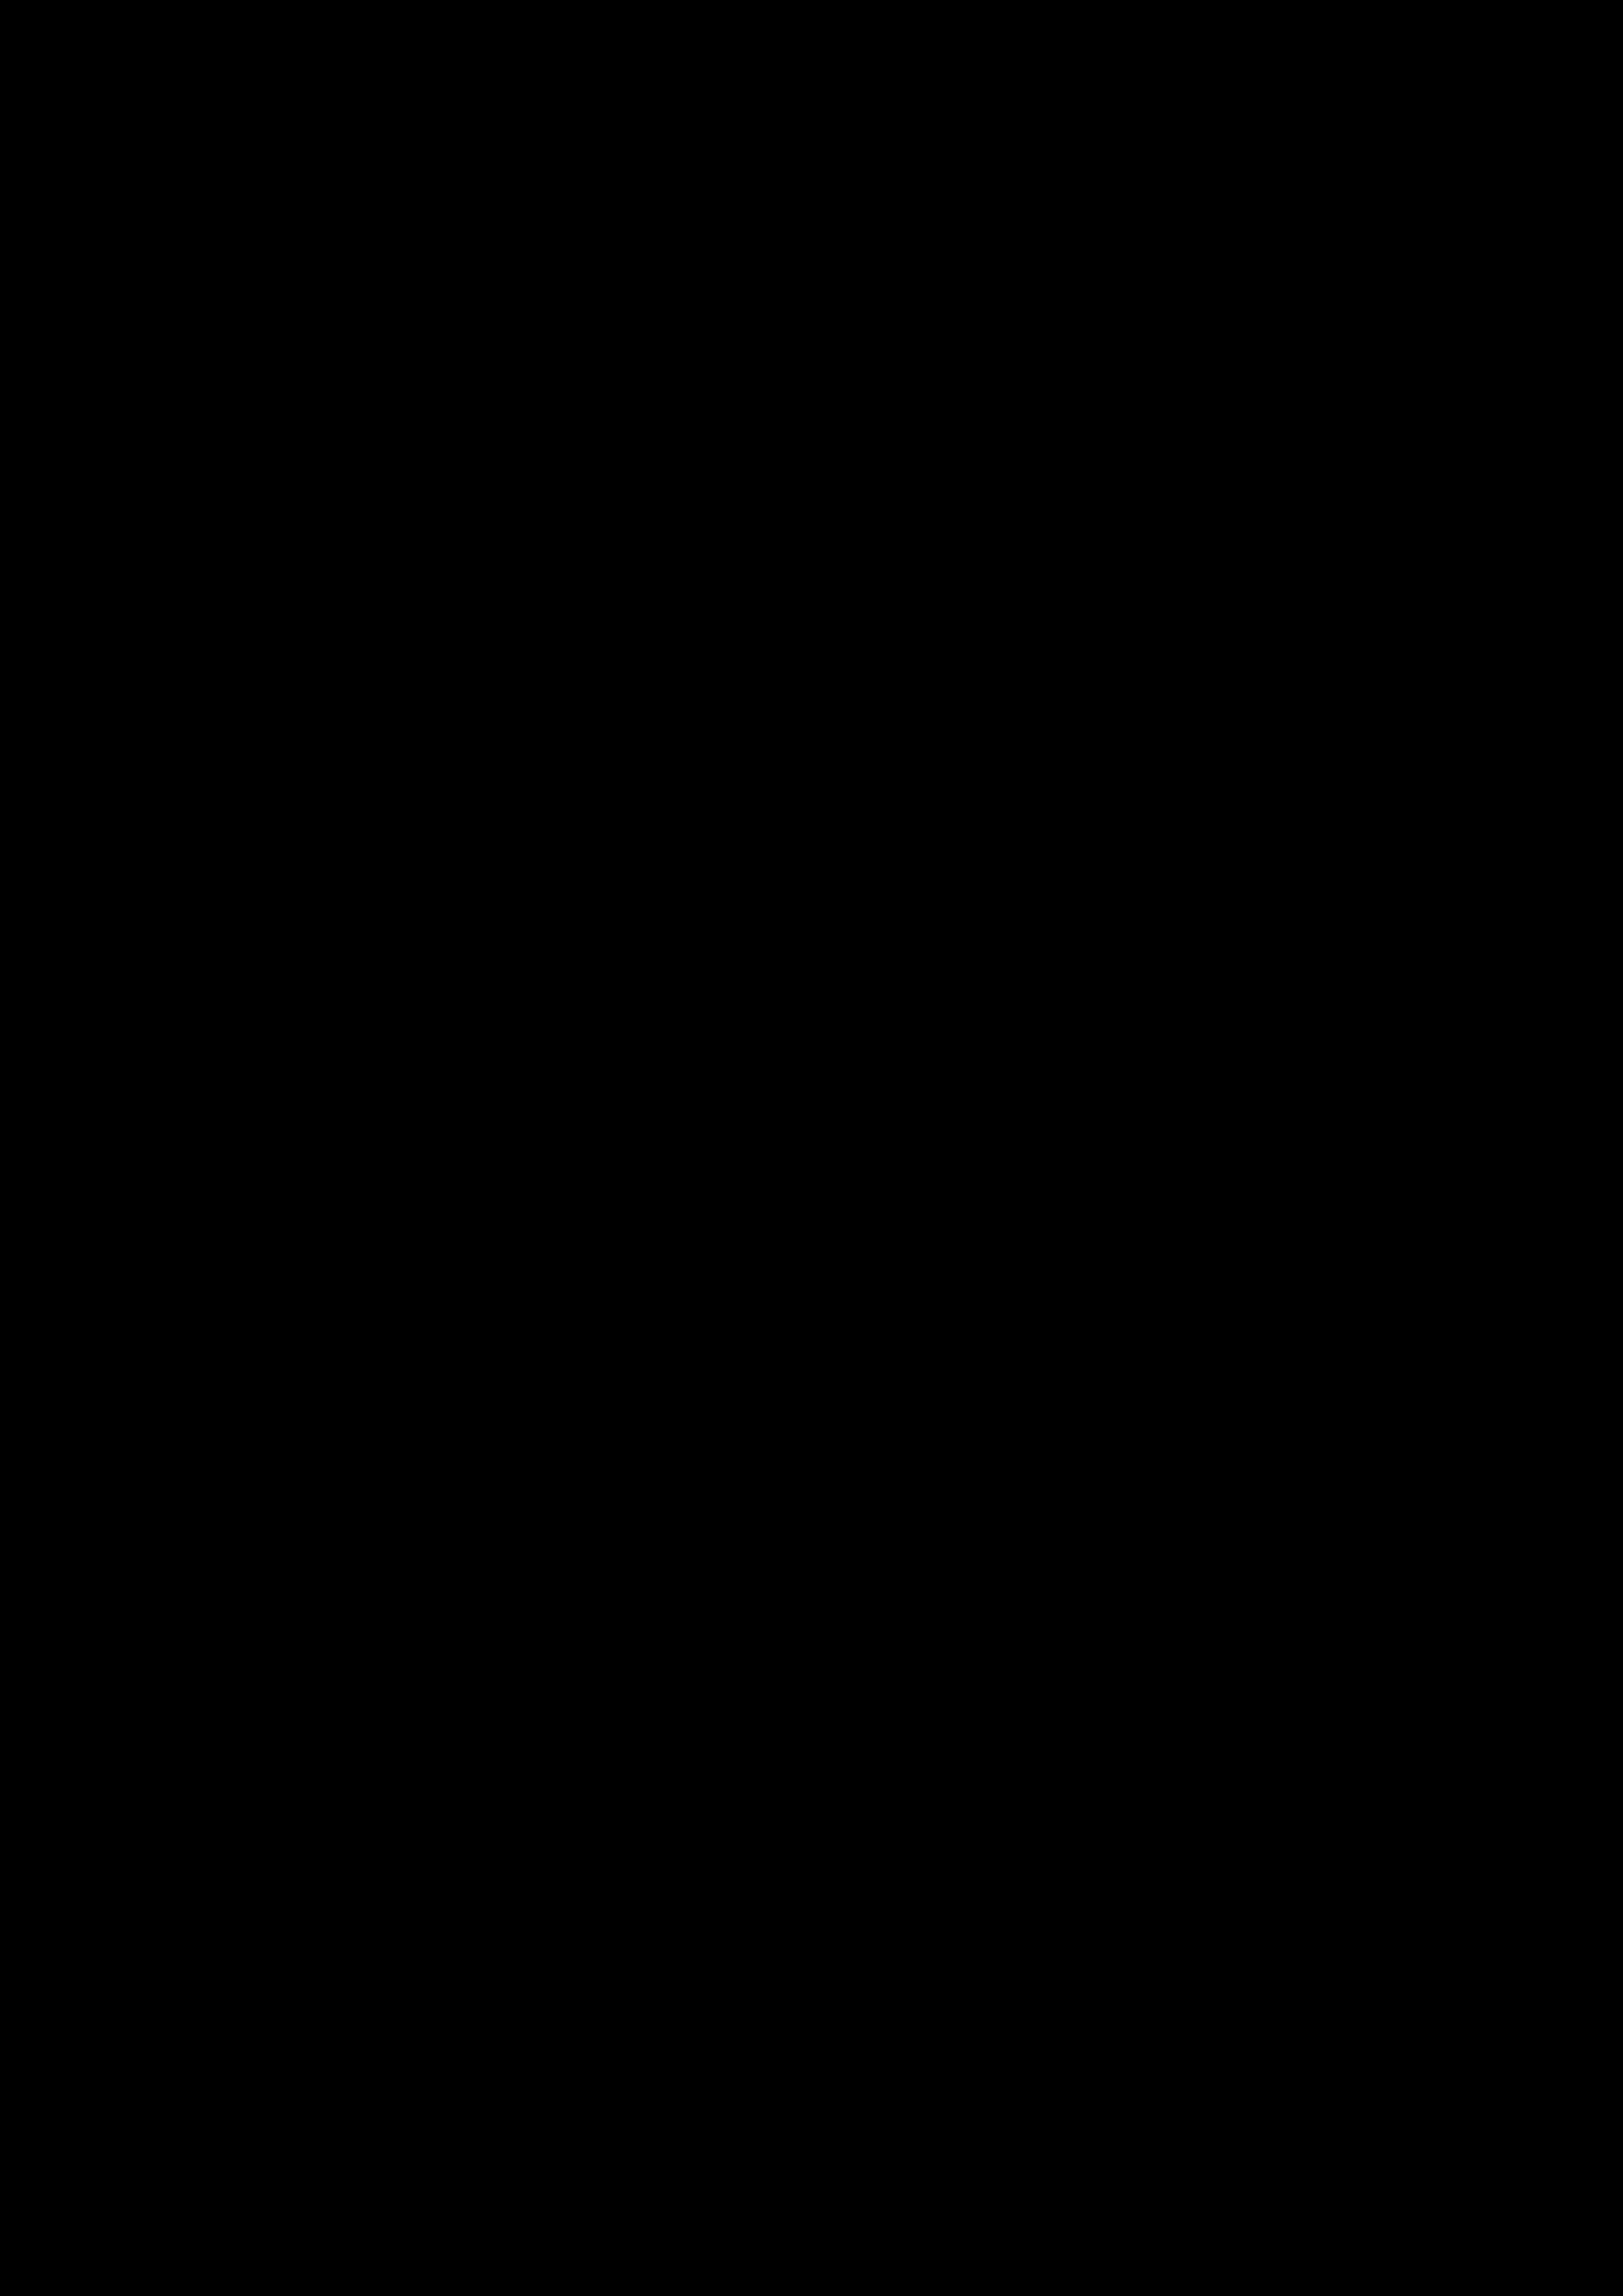 メヌエットト短調楽譜